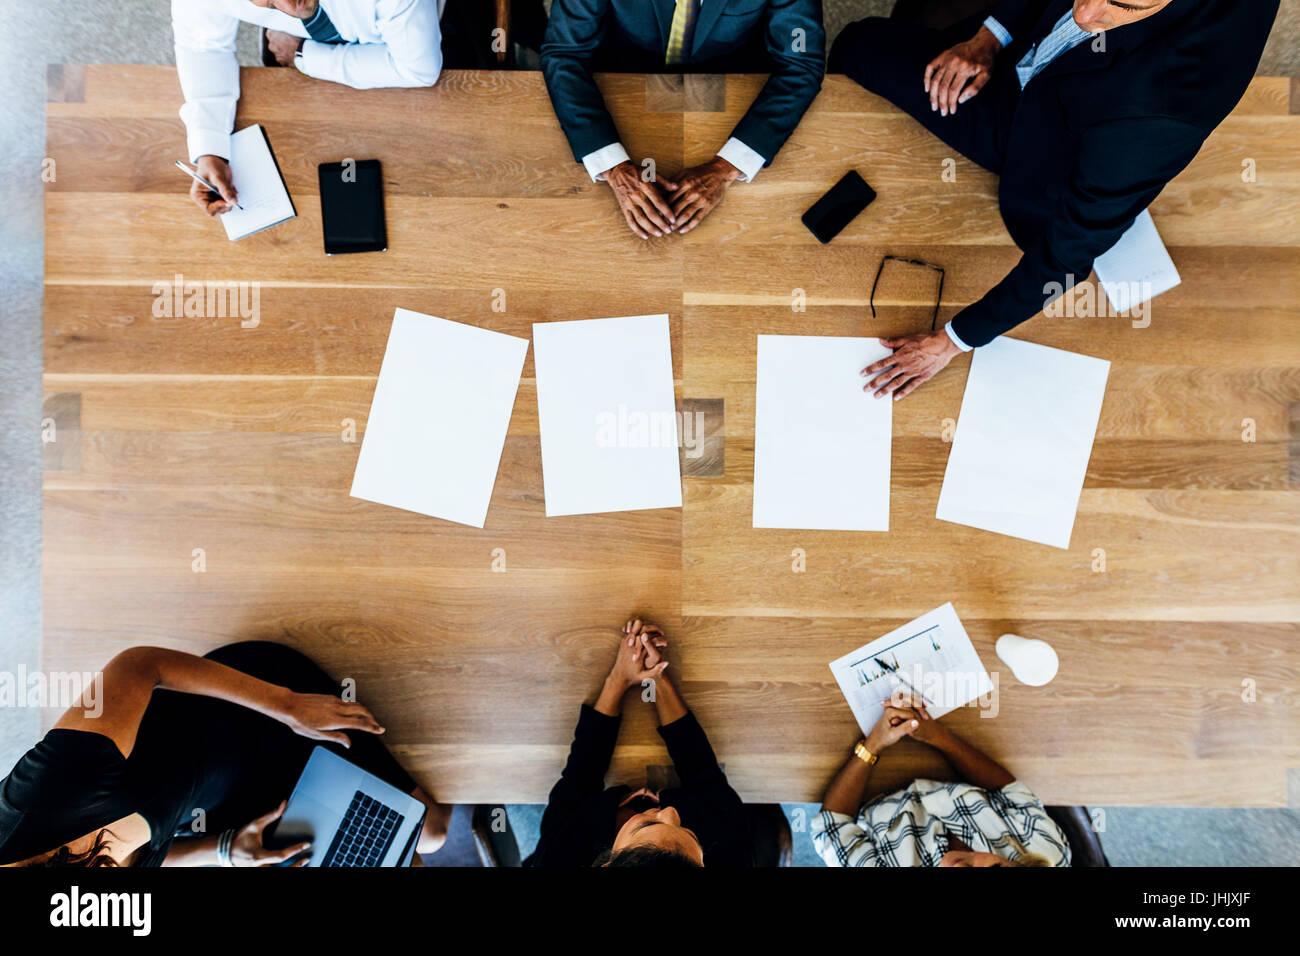 Draufsicht der Geschäftsleute sitzen um einen Tisch mit leere Blätter. Multi-ethnischen Business-Profis Stockbild